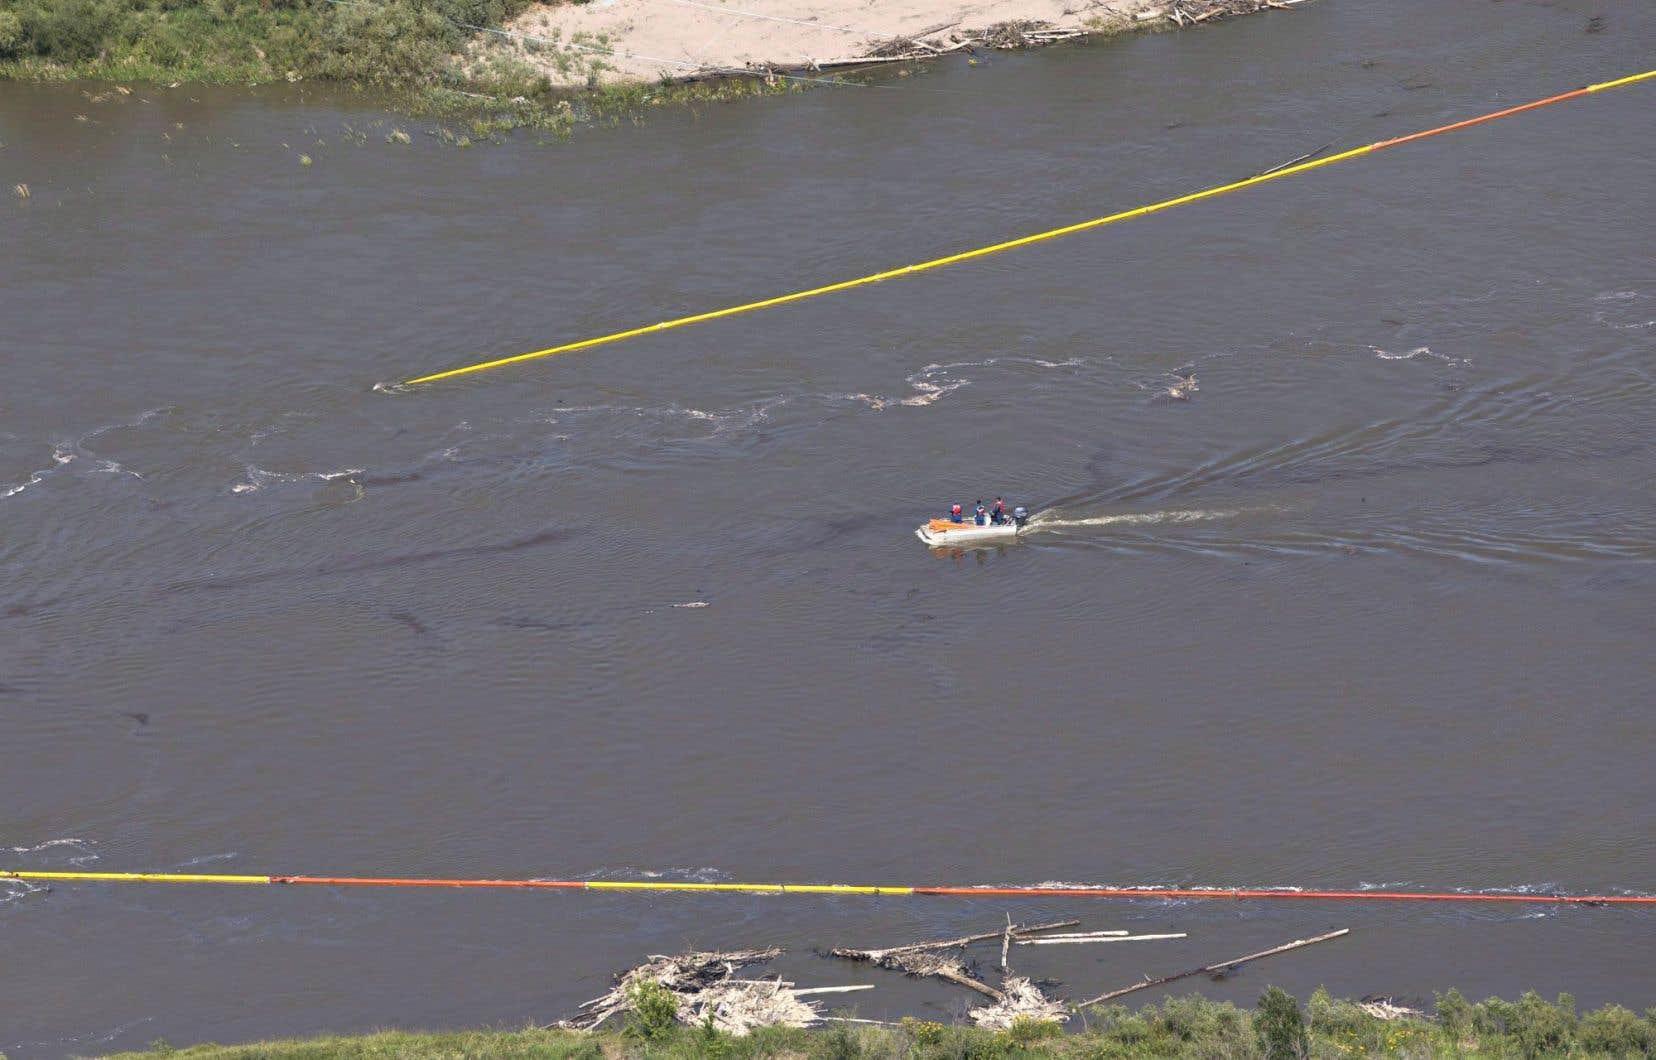 Les opérations de nettoyage de la rivière Saskatchewan Nord se poursuivent, affirme Husky Energy.